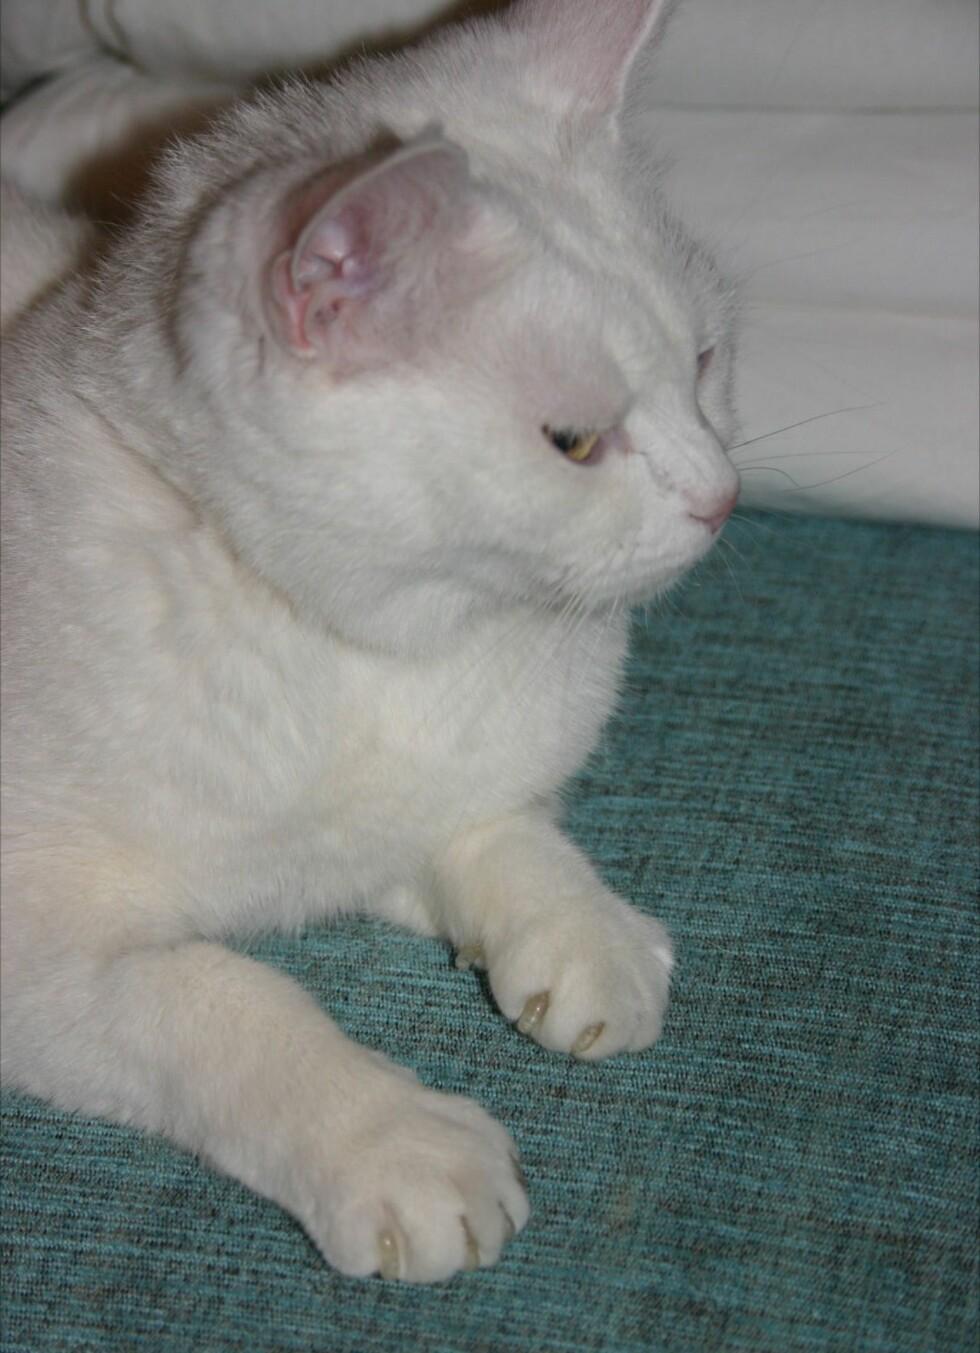 Tilsynelatende skeptisk, men likevel en fornøyd katt. Foto: Henriette Fuhr Blix